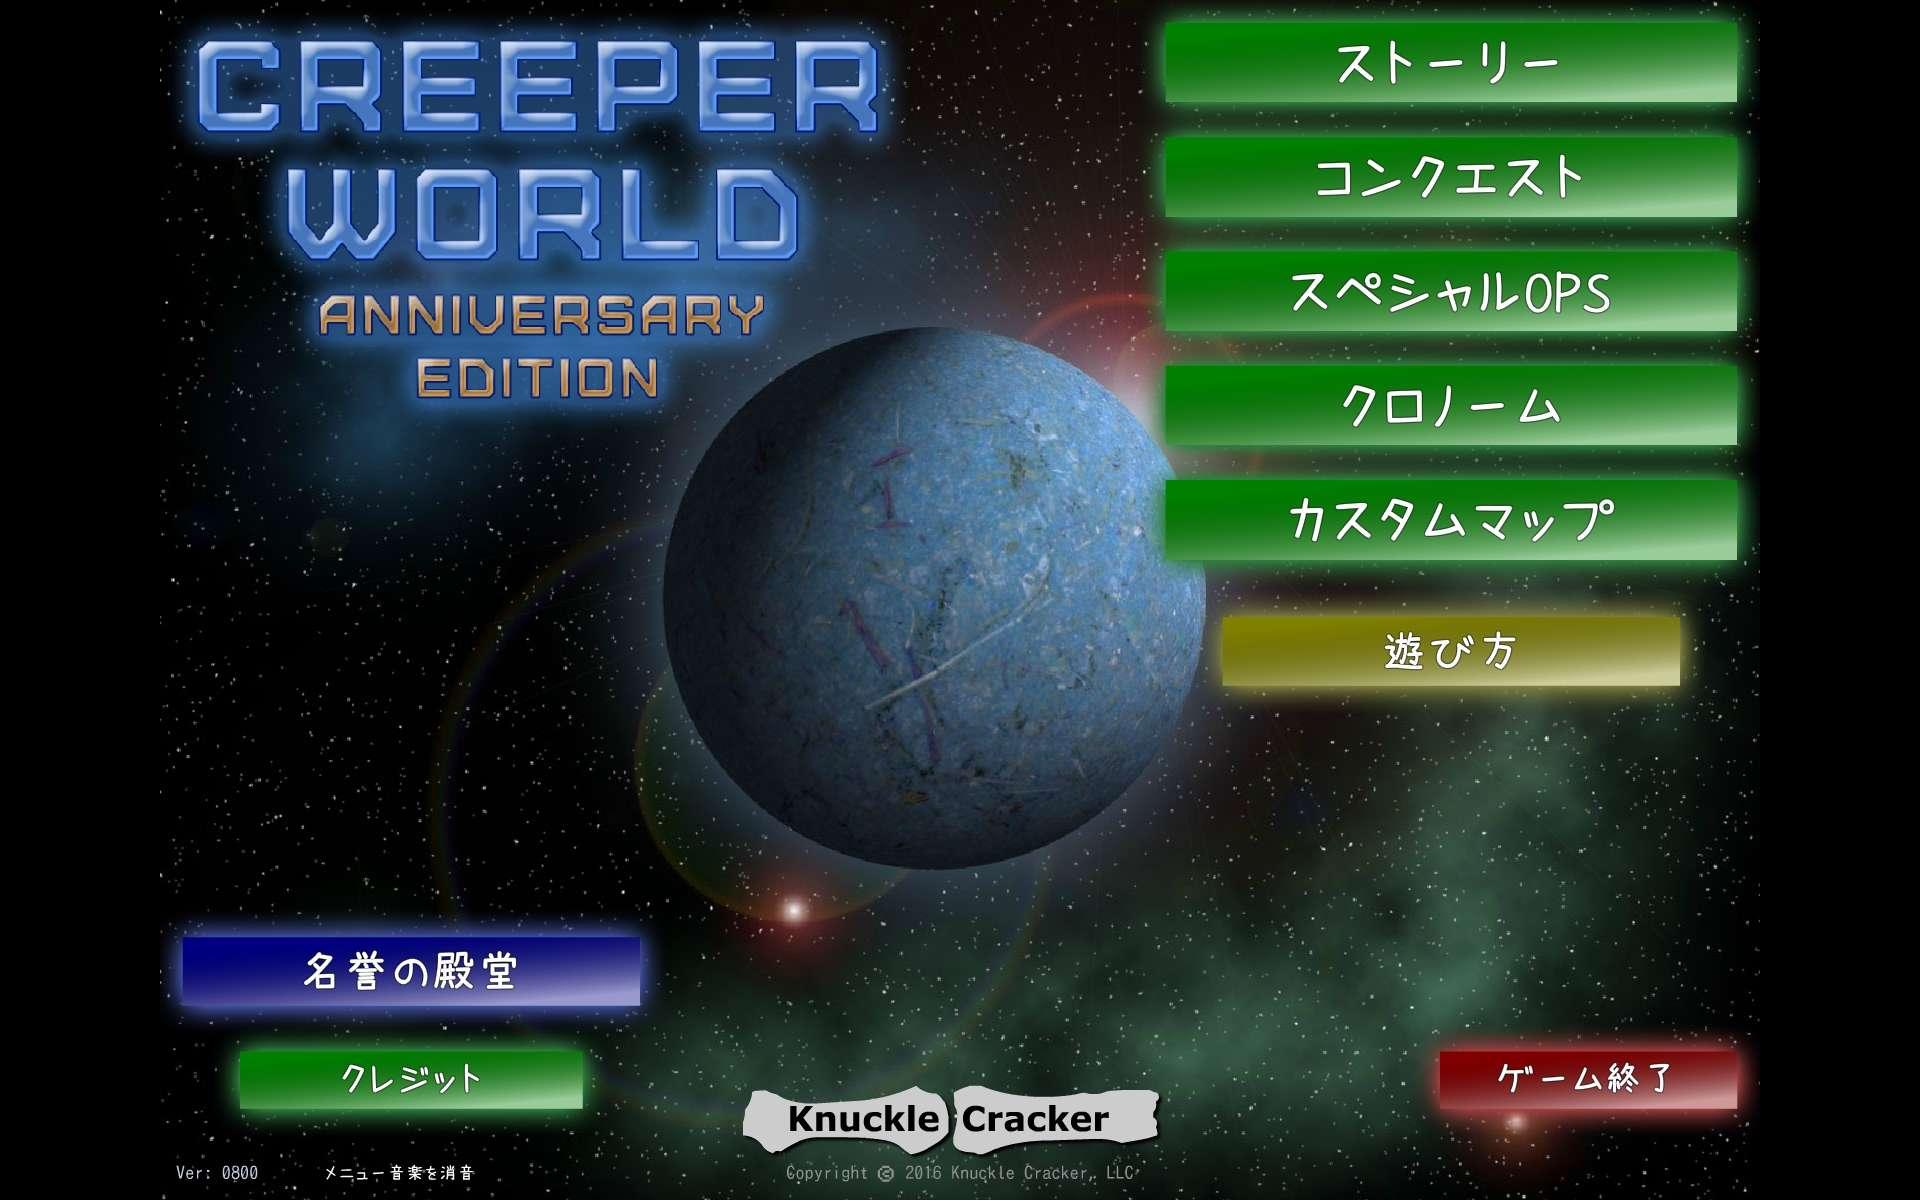 PC ゲーム Creeper World: Anniversary Edition 日本語化と JPEXS Free Flash Decompiler を使ったファイル解析メモ、PC ゲーム Creeper World: Anniversary Edition 日本語化情報、Creeper World: Anniversary Edition 日本語フォント変更方法、なつめもじフォント変更後のスクリーンショット